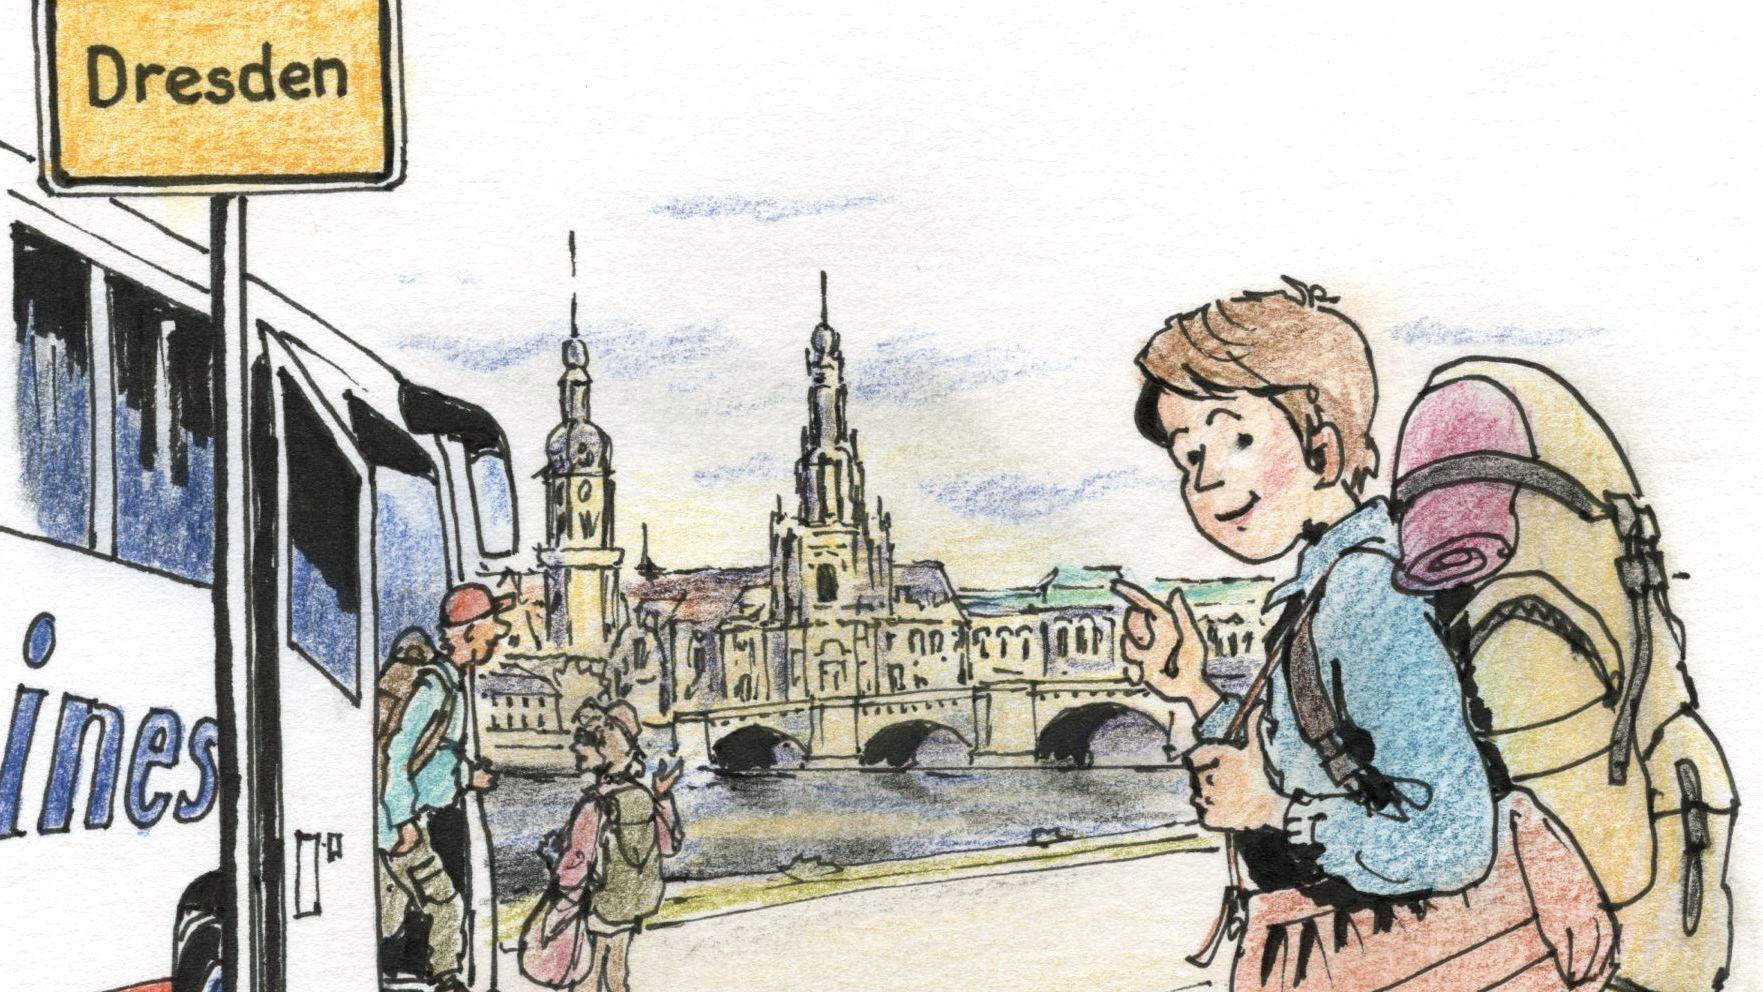 Peps auf dem Weg nach Dresden - Zeichnung: Jean-Pierre Deruelles